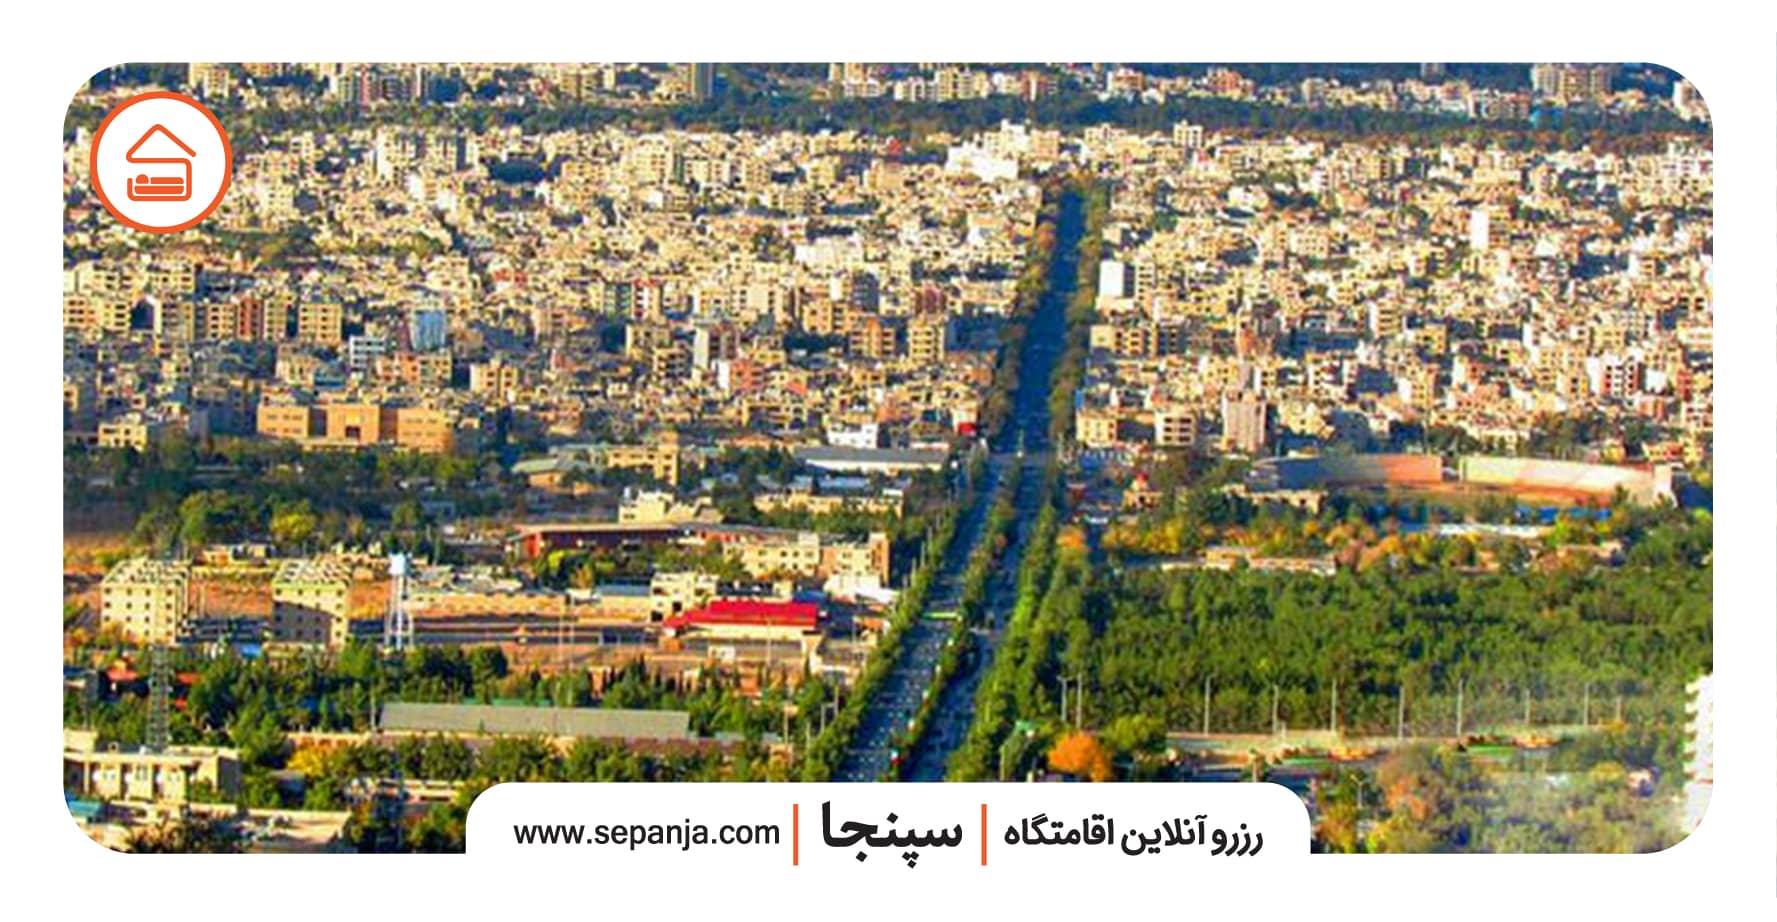 نمایی از شهر اصفهان